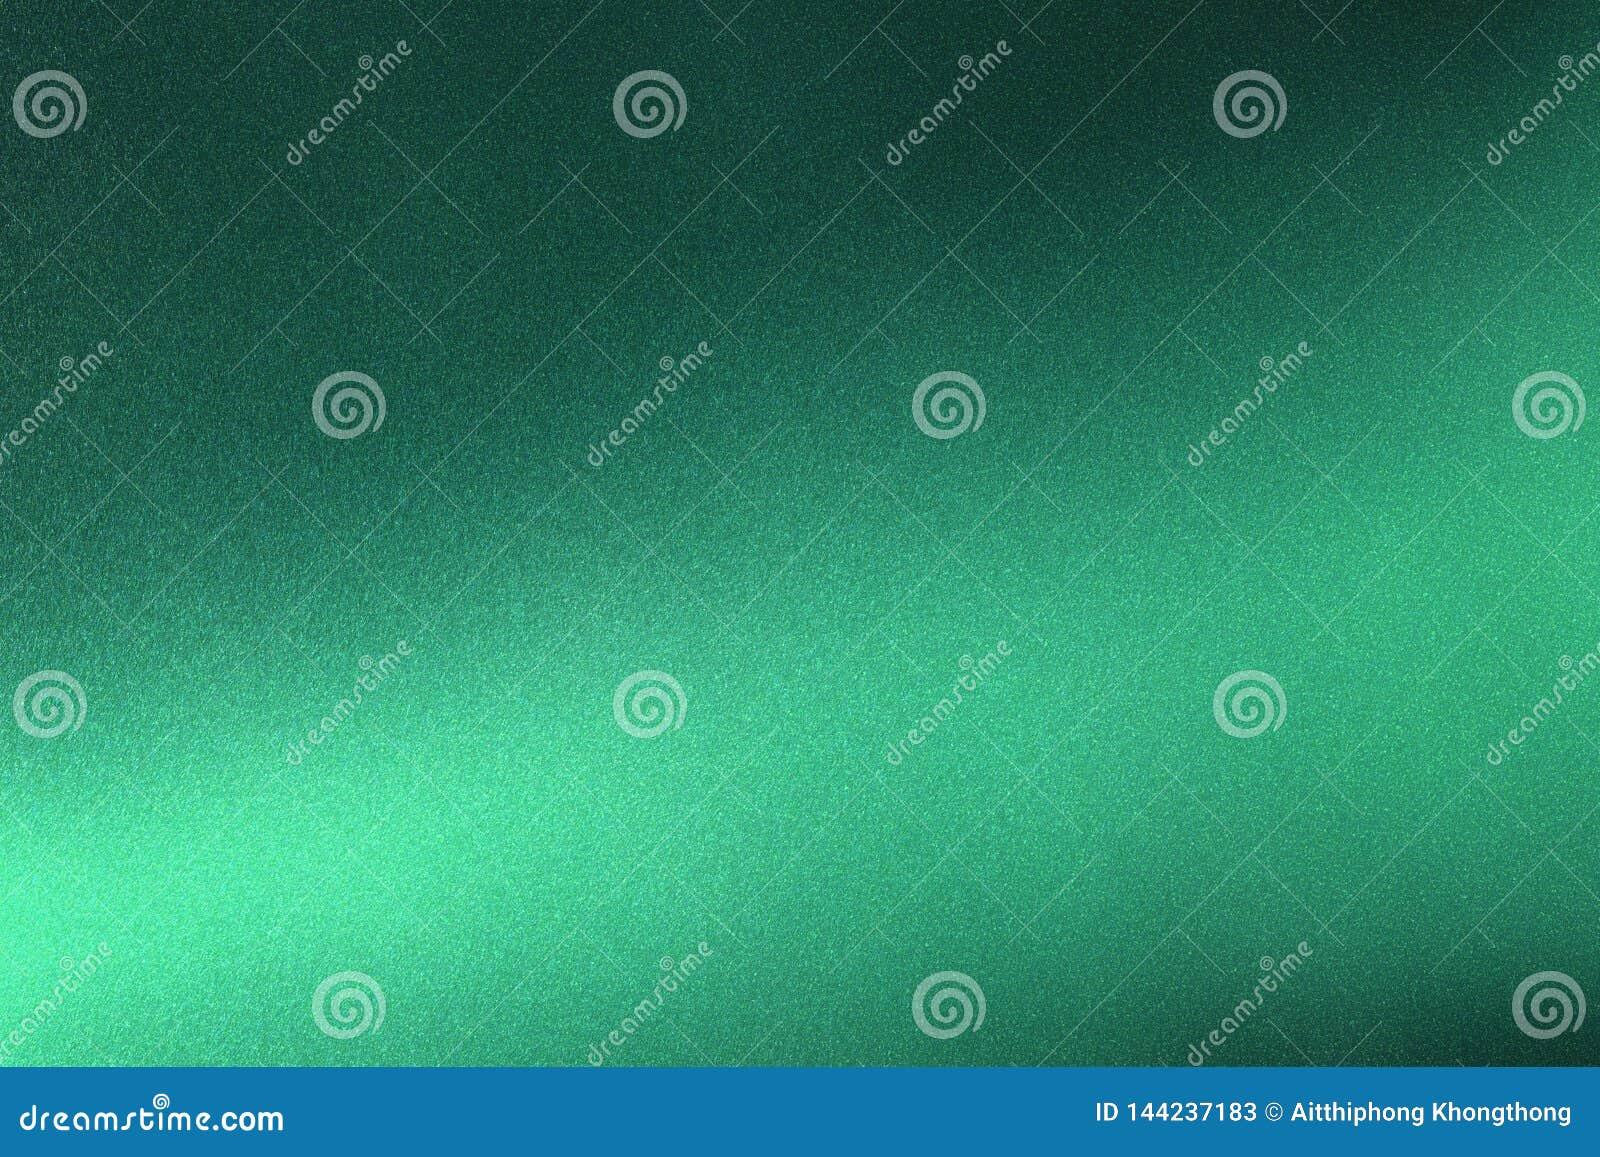 Abstrakter Beschaffenheitshintergrund, helles Glänzen auf rauem dunkelgrünem metallischem